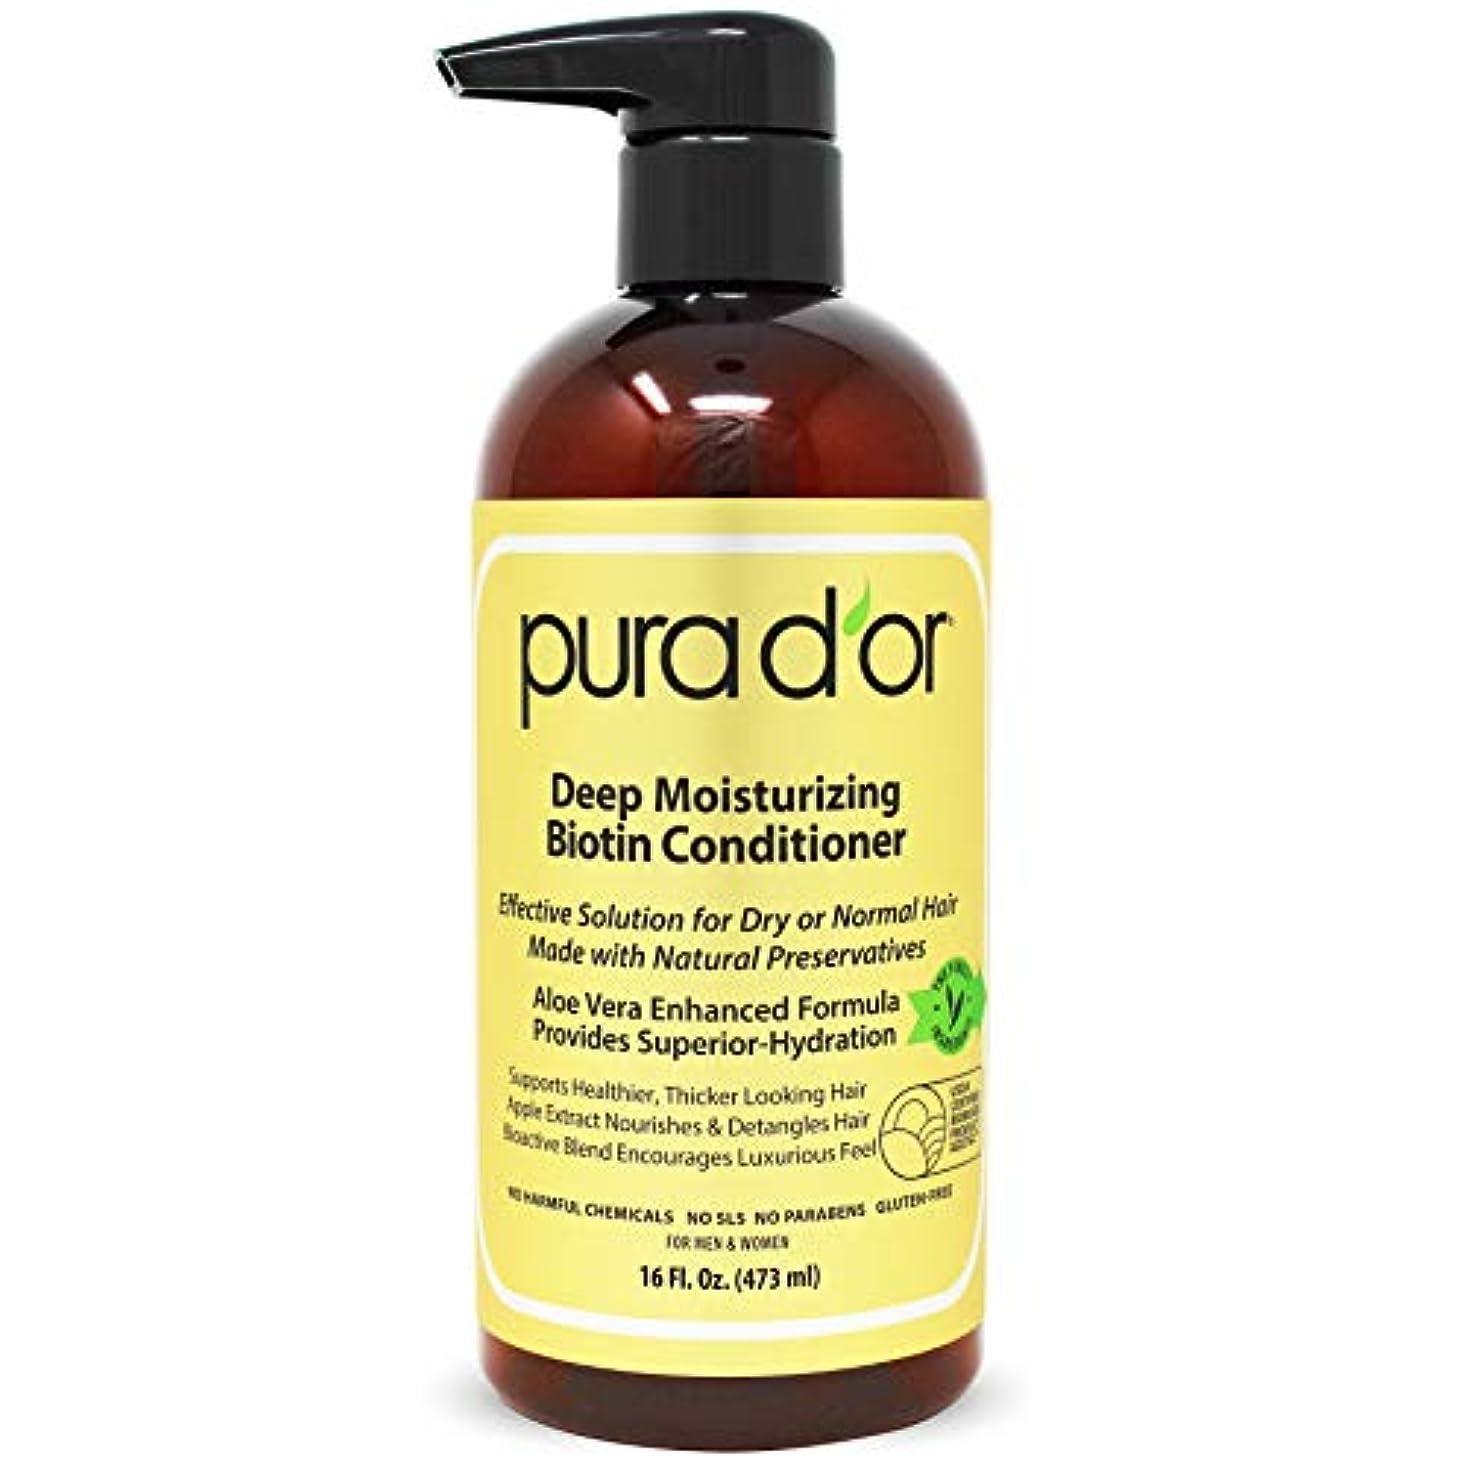 学習者強調する極地PURA D'OR Deep Moisturizing Premium Organic Argan Oil & Aloe Vera Conditioner, 16 Fluid Ounce (473ml)プラドール ディープモイスチャライジング...